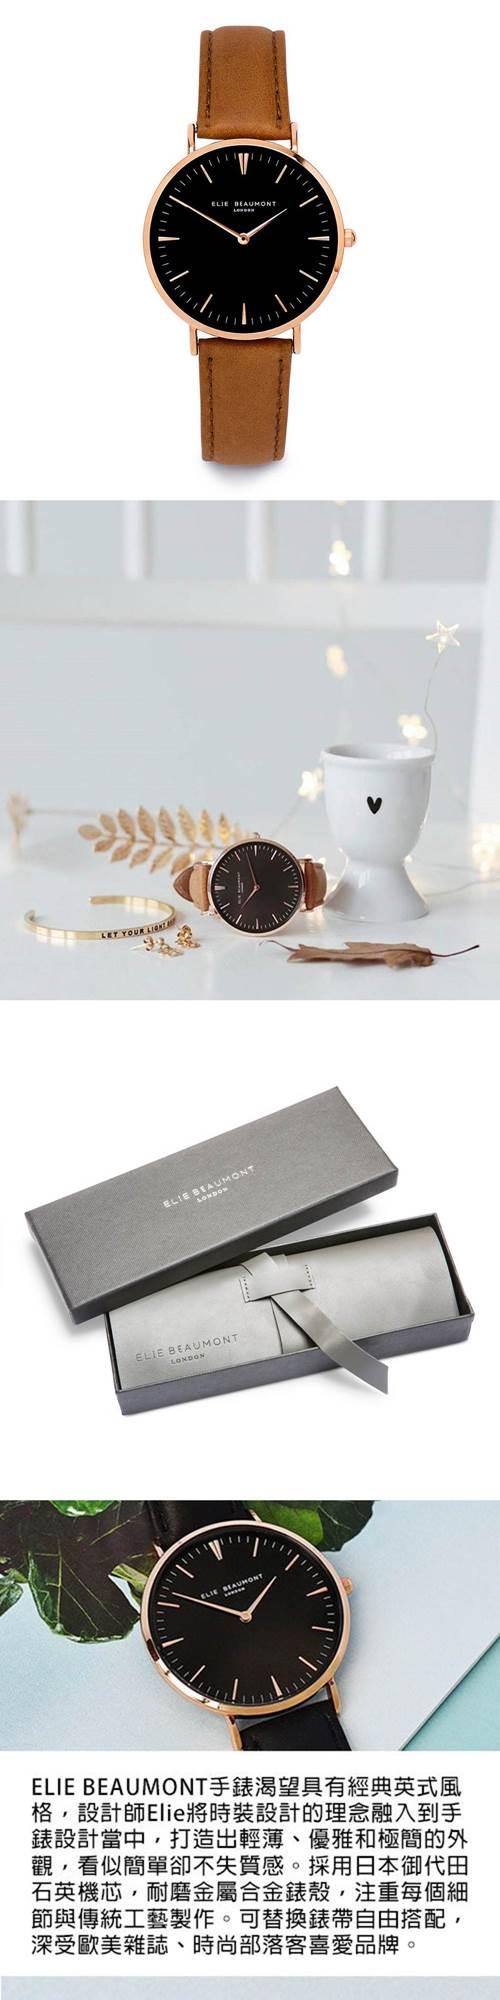 (複製)Elie Beaumont 英國時尚手錶 牛津系列 白錶盤x勃地根紅錶帶x玫瑰金框38mm